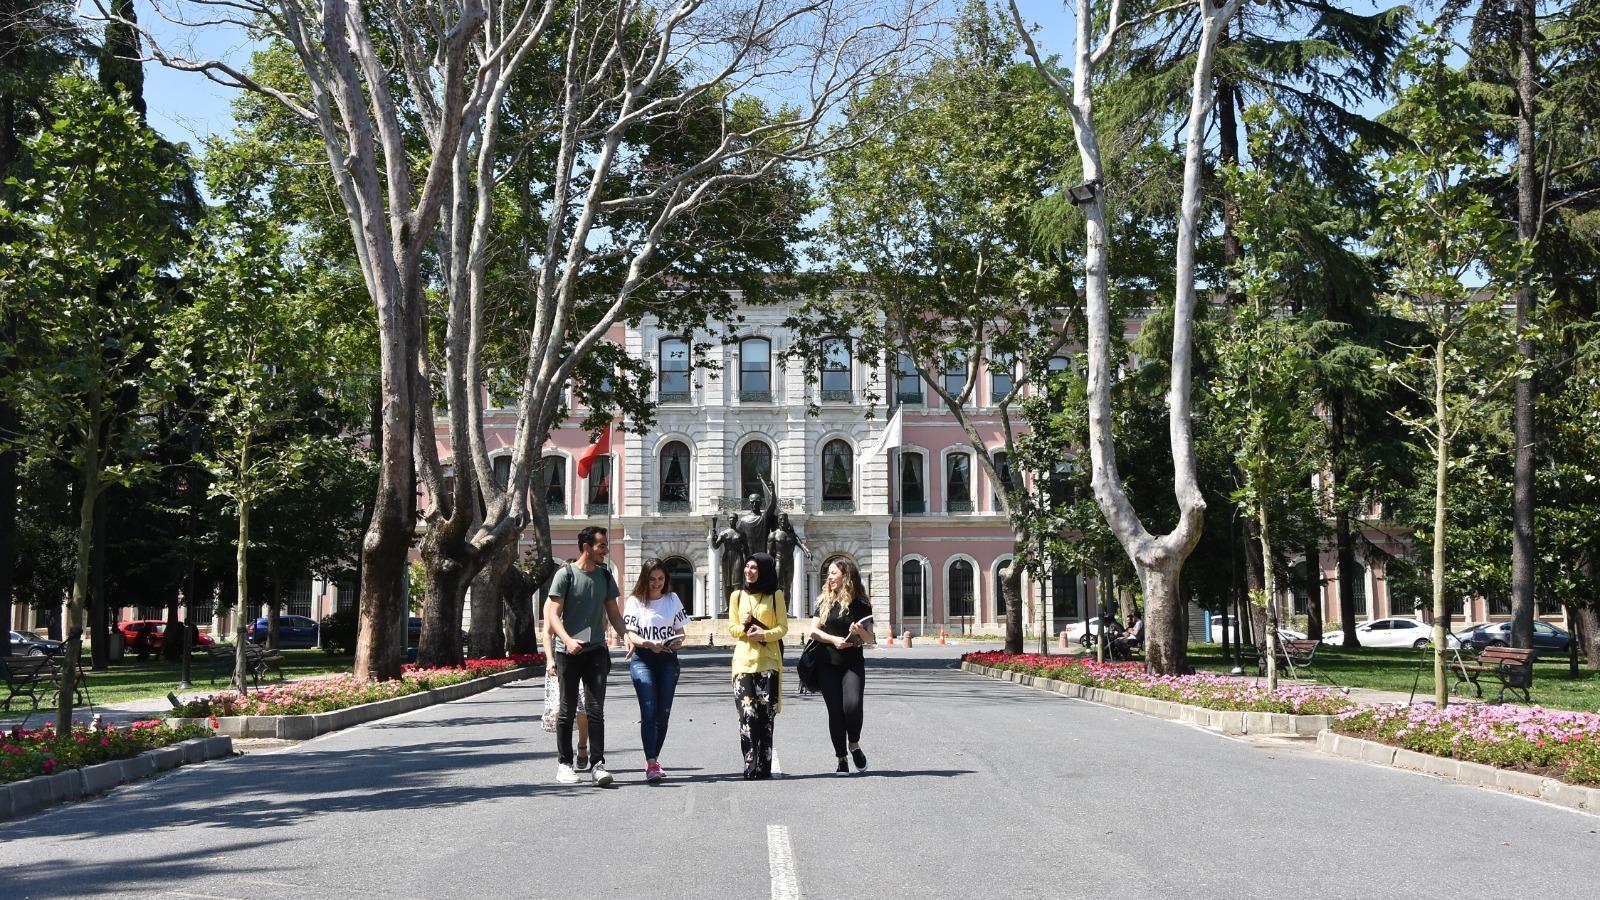 İstanbul-Üniversitesi-2018-Yılında-Basında-En-Çok-Yer-Alan-Üniversite-Oldu